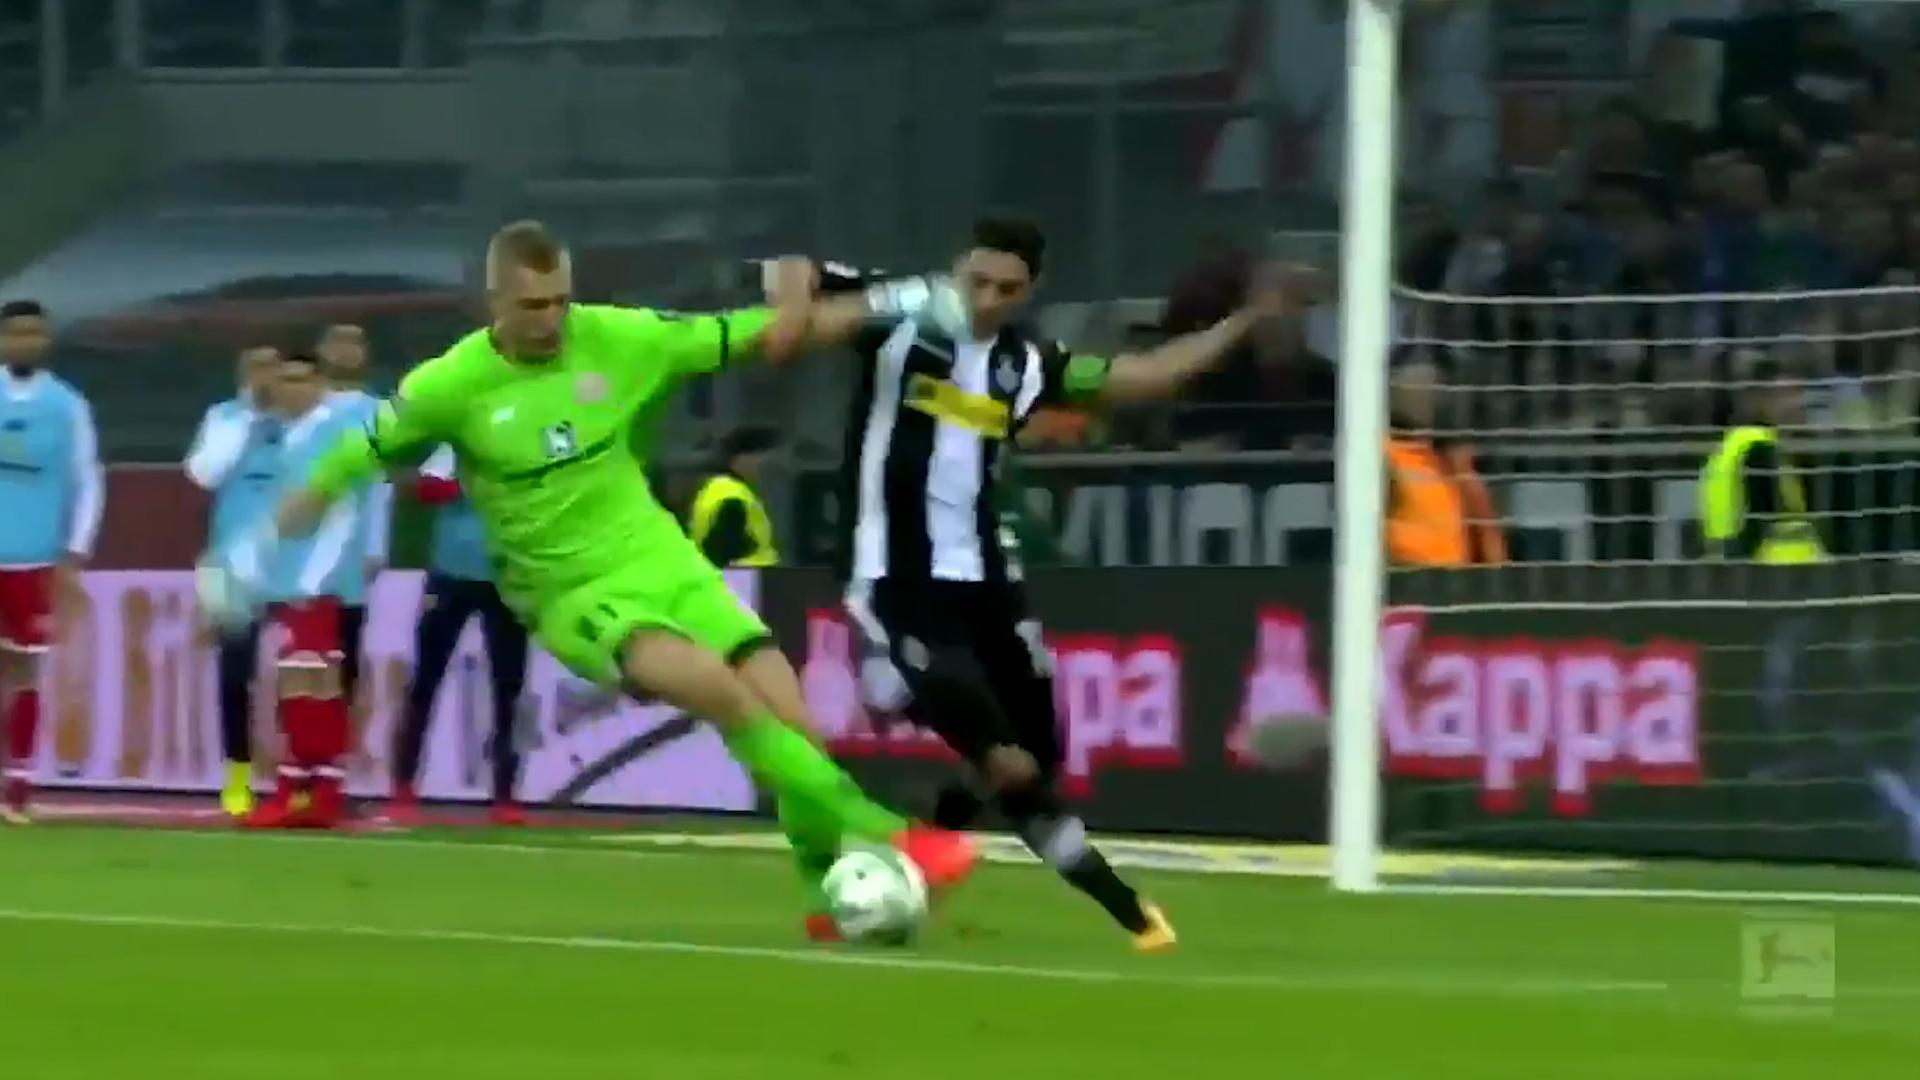 Portero de Bundesliga comete insólito error